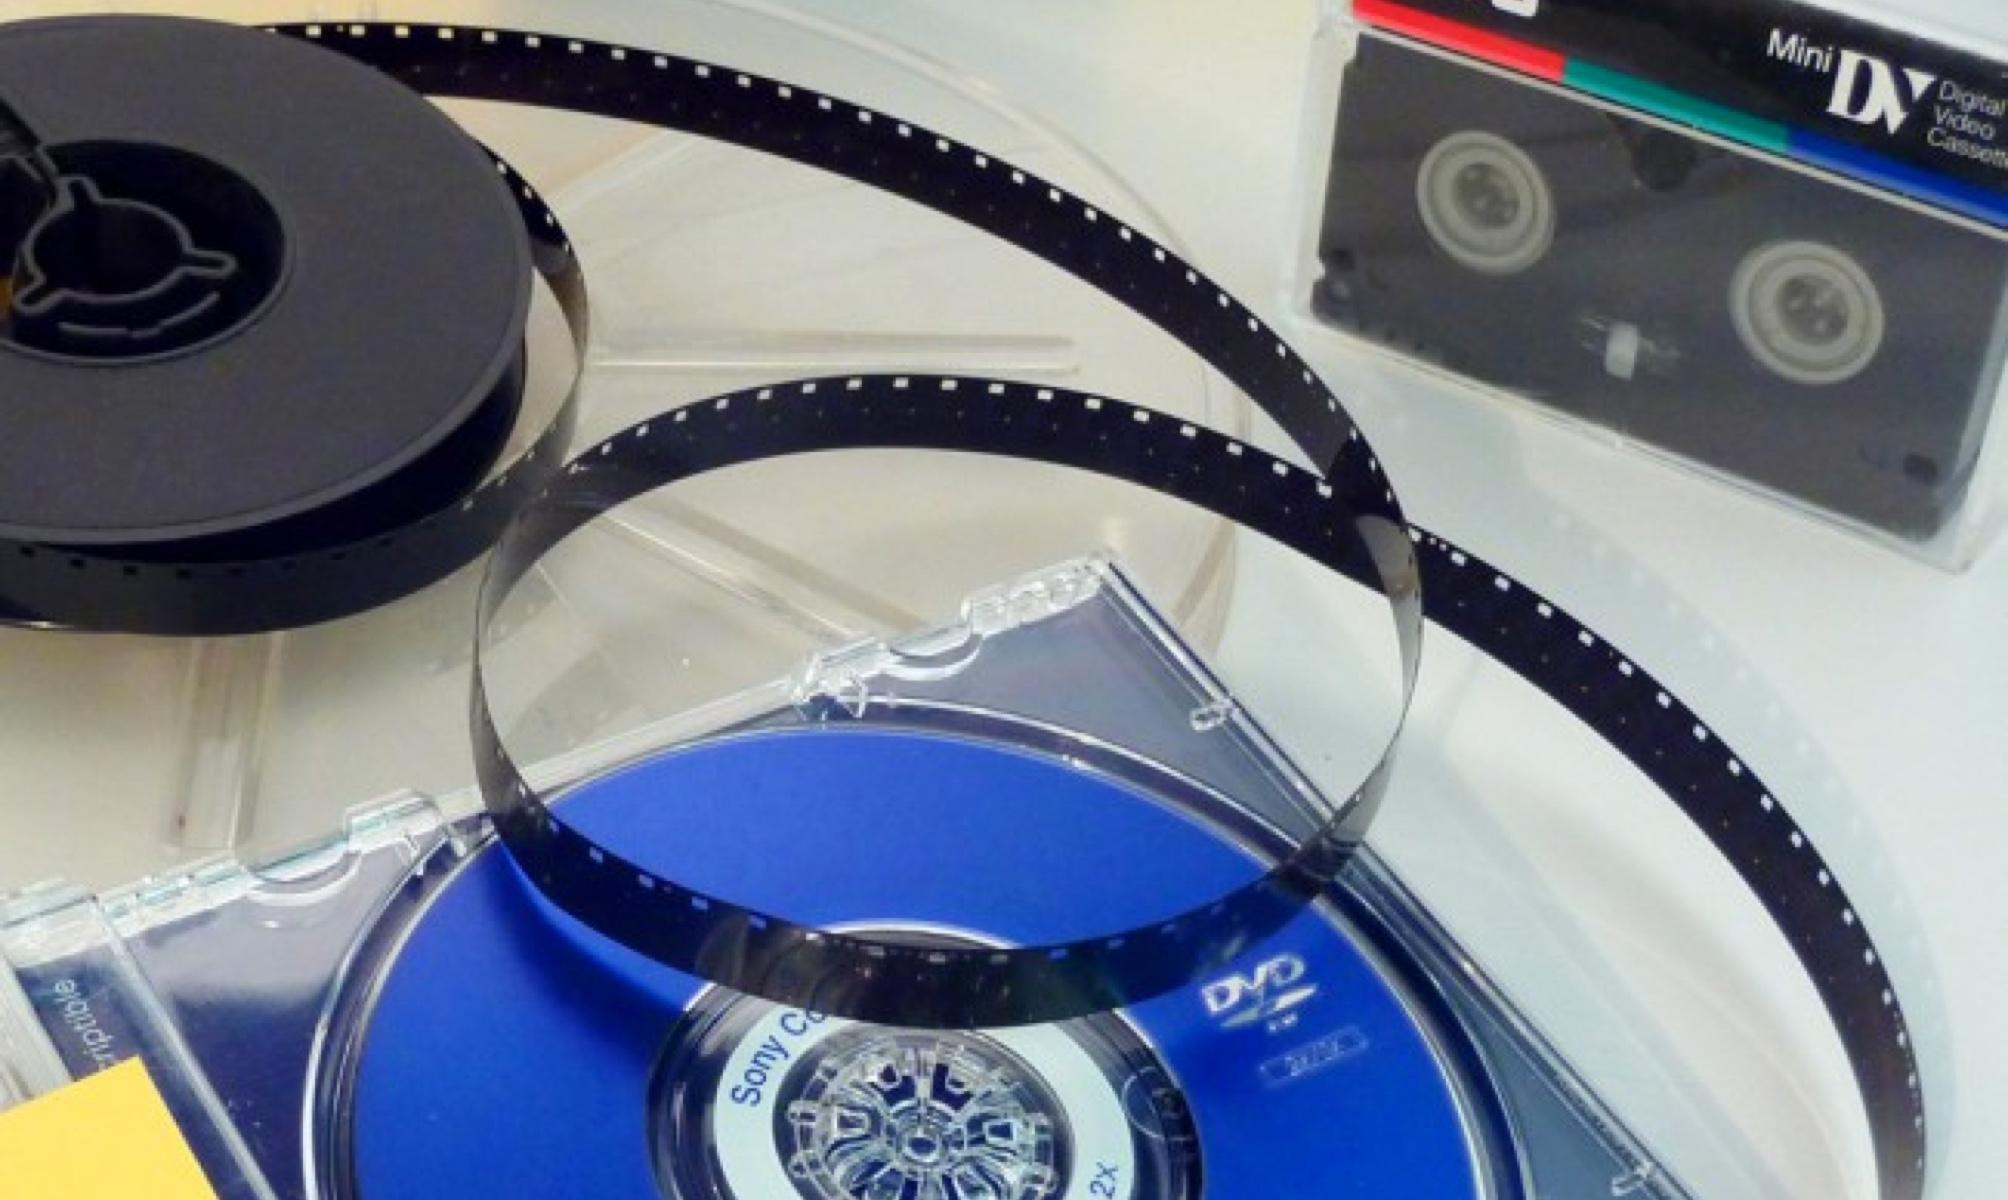 copie-de-films-vhs-mini-dv-8mm-et-super-8.jpg